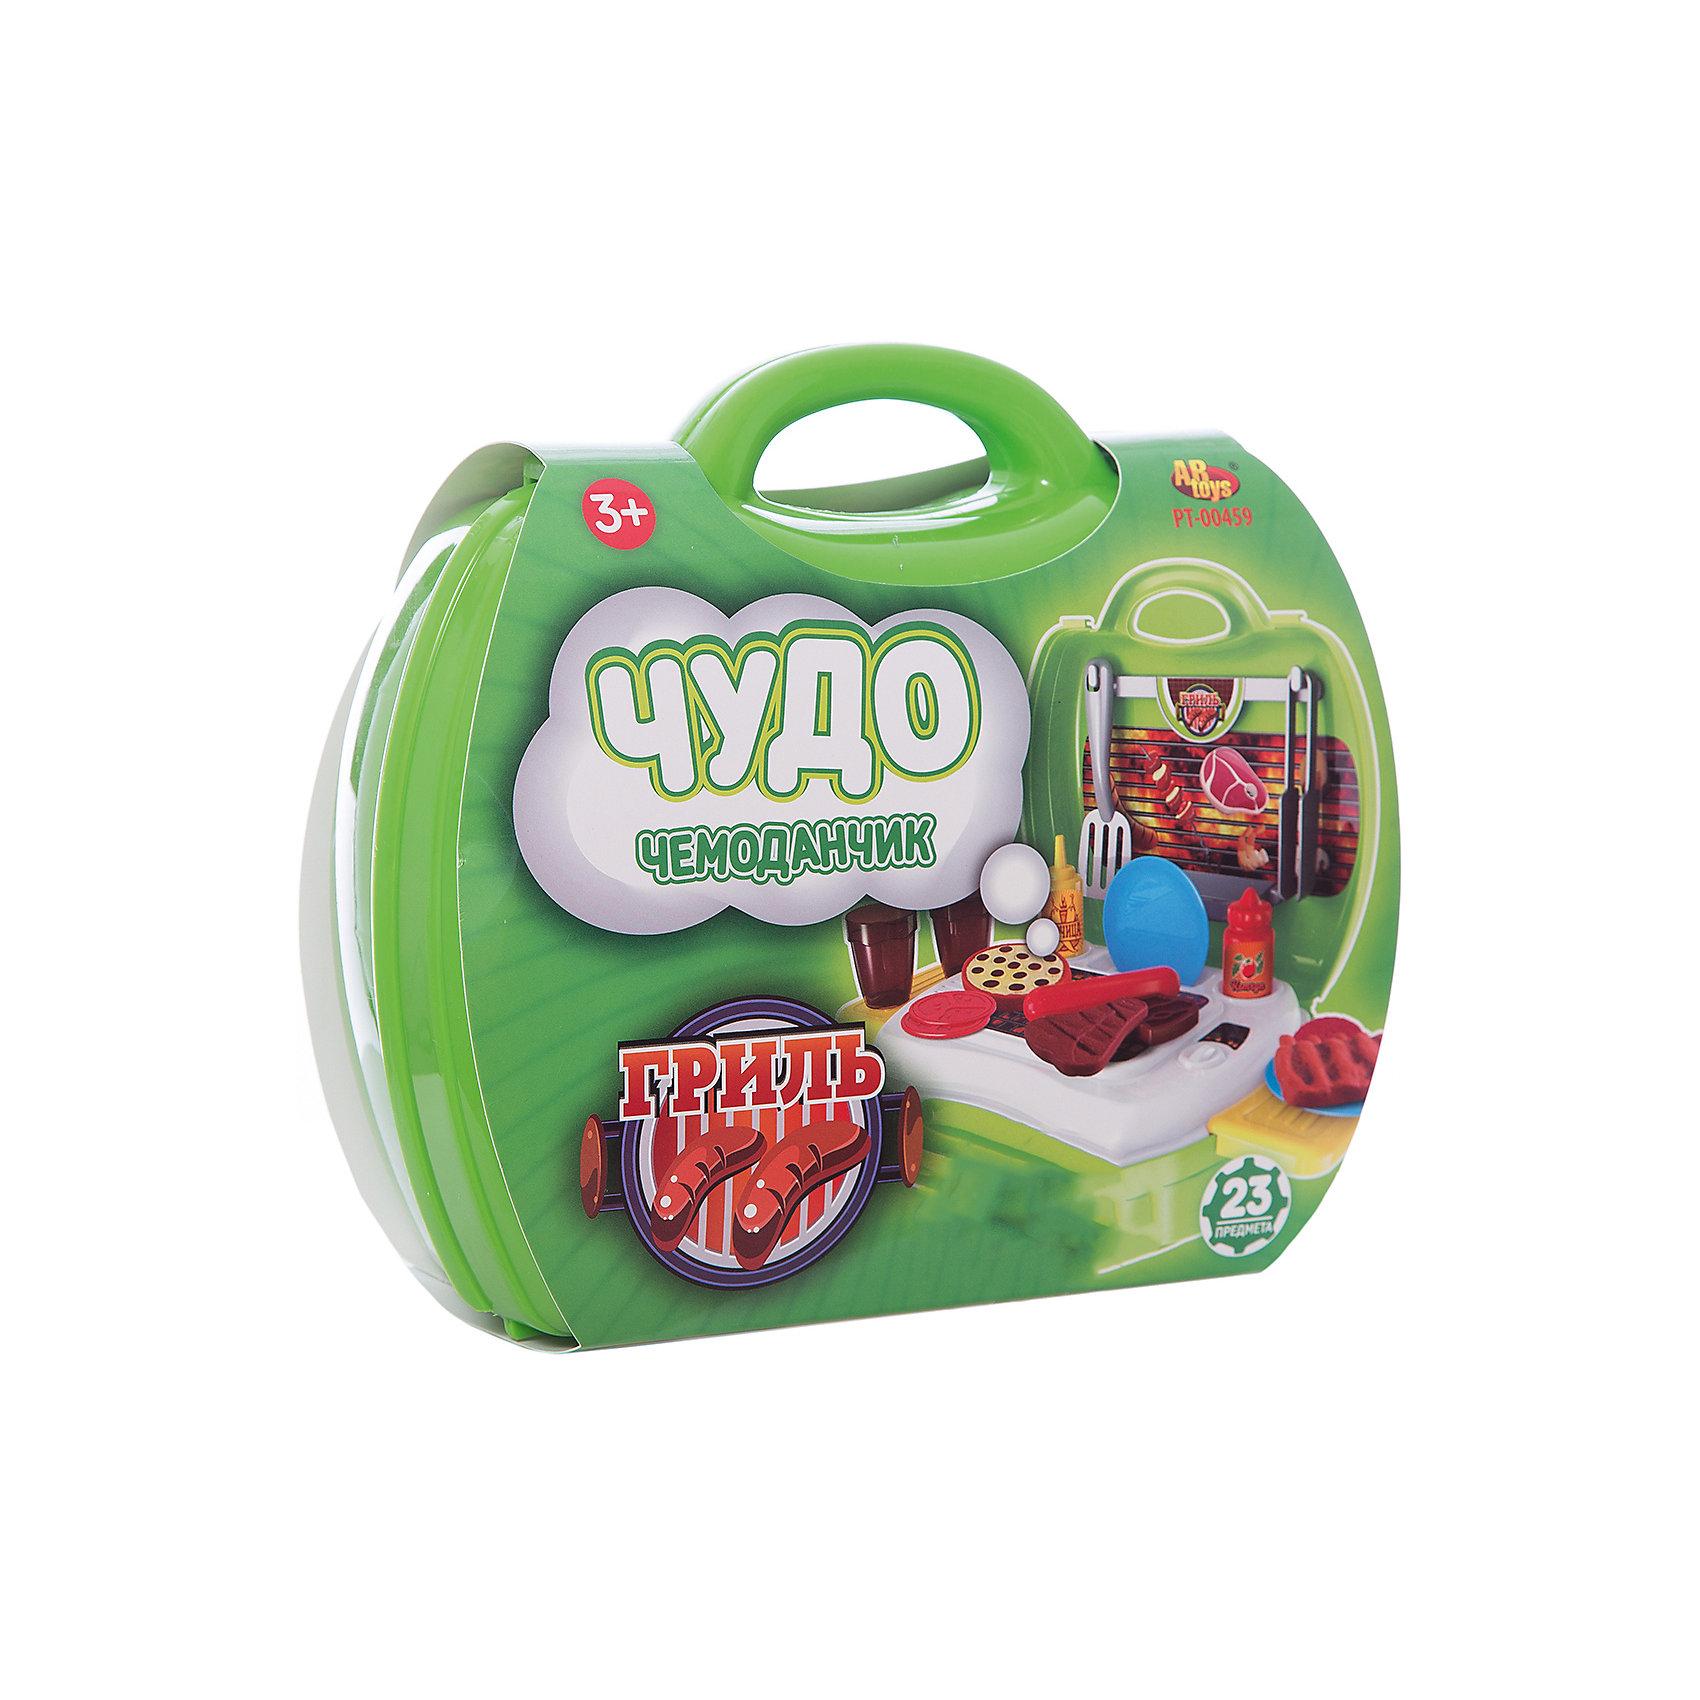 Гриль Чудо-чемоданчик, 23 предм., ABtoysГриль Чудо-чемоданчик, 23 предм., ABtoys прекрасно разнообразит  игру ребенка.<br><br> В открывающемся чемоданчике ярко-зеленого цвета ребенок найдет все самые необходимые предметы для увлекательной игры в Барбекю - мангал, продукты, разделочную доску, посуду и столовые приборы. Игрушечные предметы выполнены с хорошей детализацией и копируют внешний вид настоящих атрибутов и продуктов, что сделает игру реалистичной.<br>Захватывающая игра с набором Гриль из серии Чудо-чемоданчик позволит ребенку ощутить себя настоящим поваром, который готовит для родных и друзей аппетитное барбекю.<br><br>Комплект: гриль, продукты для барбекю, посуда, столовые приборы, разделочная доска.<br>Из чего сделана игрушка (состав): пластик.<br>Размер упаковки: 20 x 24 x 10 см.<br>Упаковка: чемоданчик.<br>Количество предметов: 23.<br><br>Ширина мм: 200<br>Глубина мм: 240<br>Высота мм: 100<br>Вес г: 490<br>Возраст от месяцев: 36<br>Возраст до месяцев: 120<br>Пол: Унисекс<br>Возраст: Детский<br>SKU: 5026131